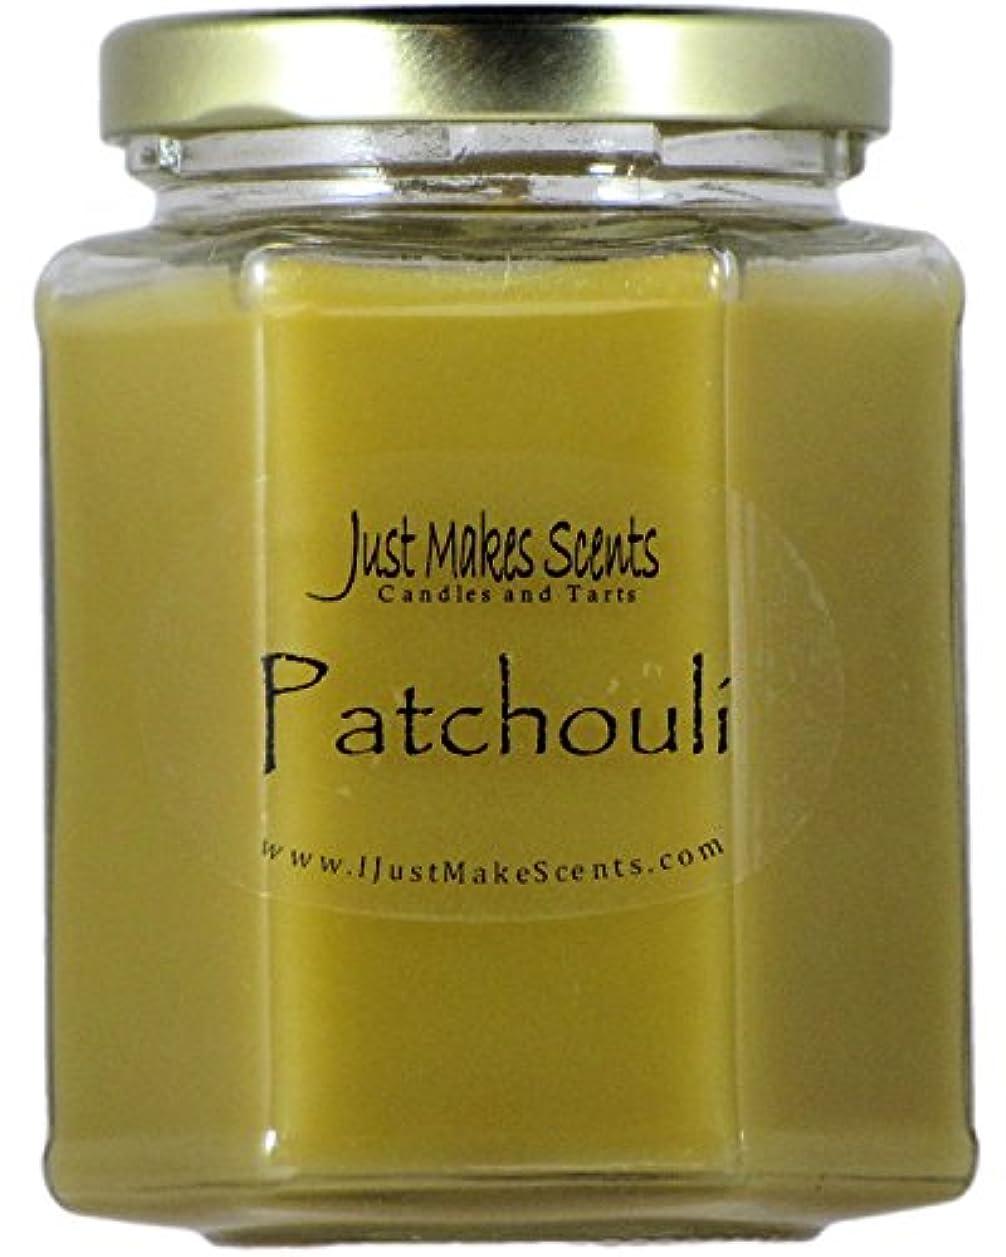 代数鈍いレコーダーPatchouli Scented Blended Soy Candle by Just Makes Scents (270ml)